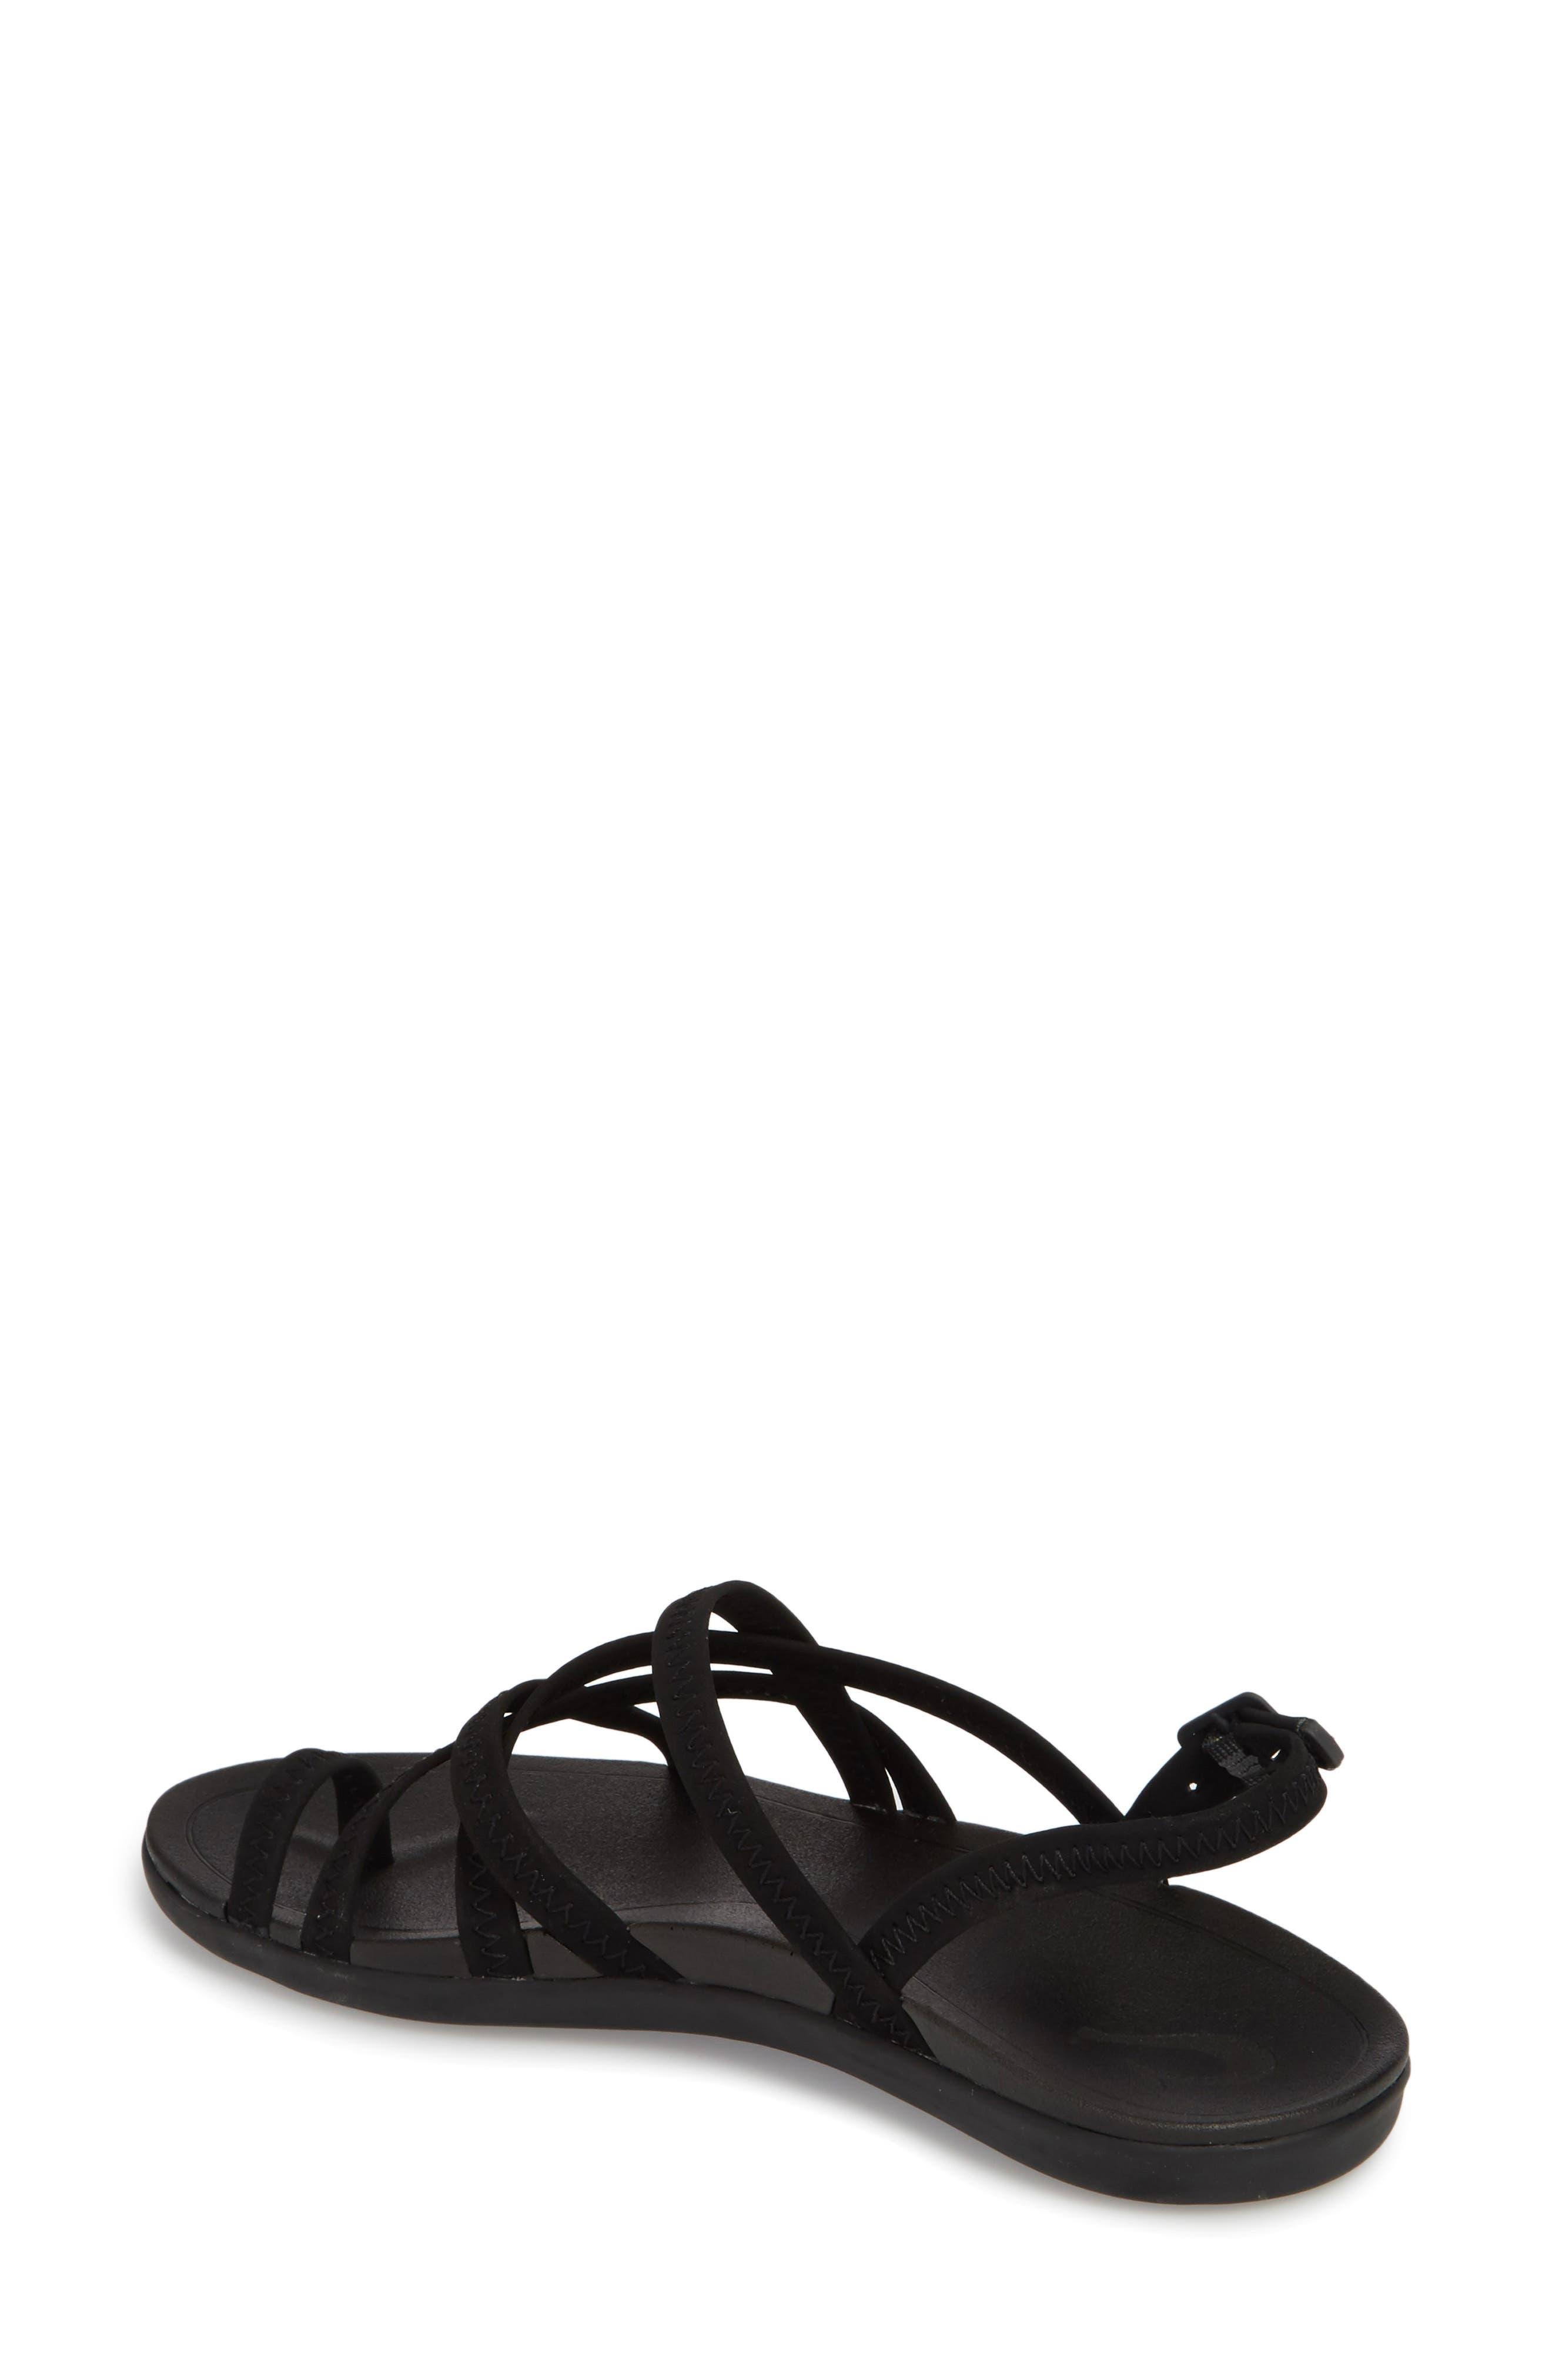 Kalapu Sandal,                             Alternate thumbnail 2, color,                             BLACK/ BLACK FAUX LEATHER